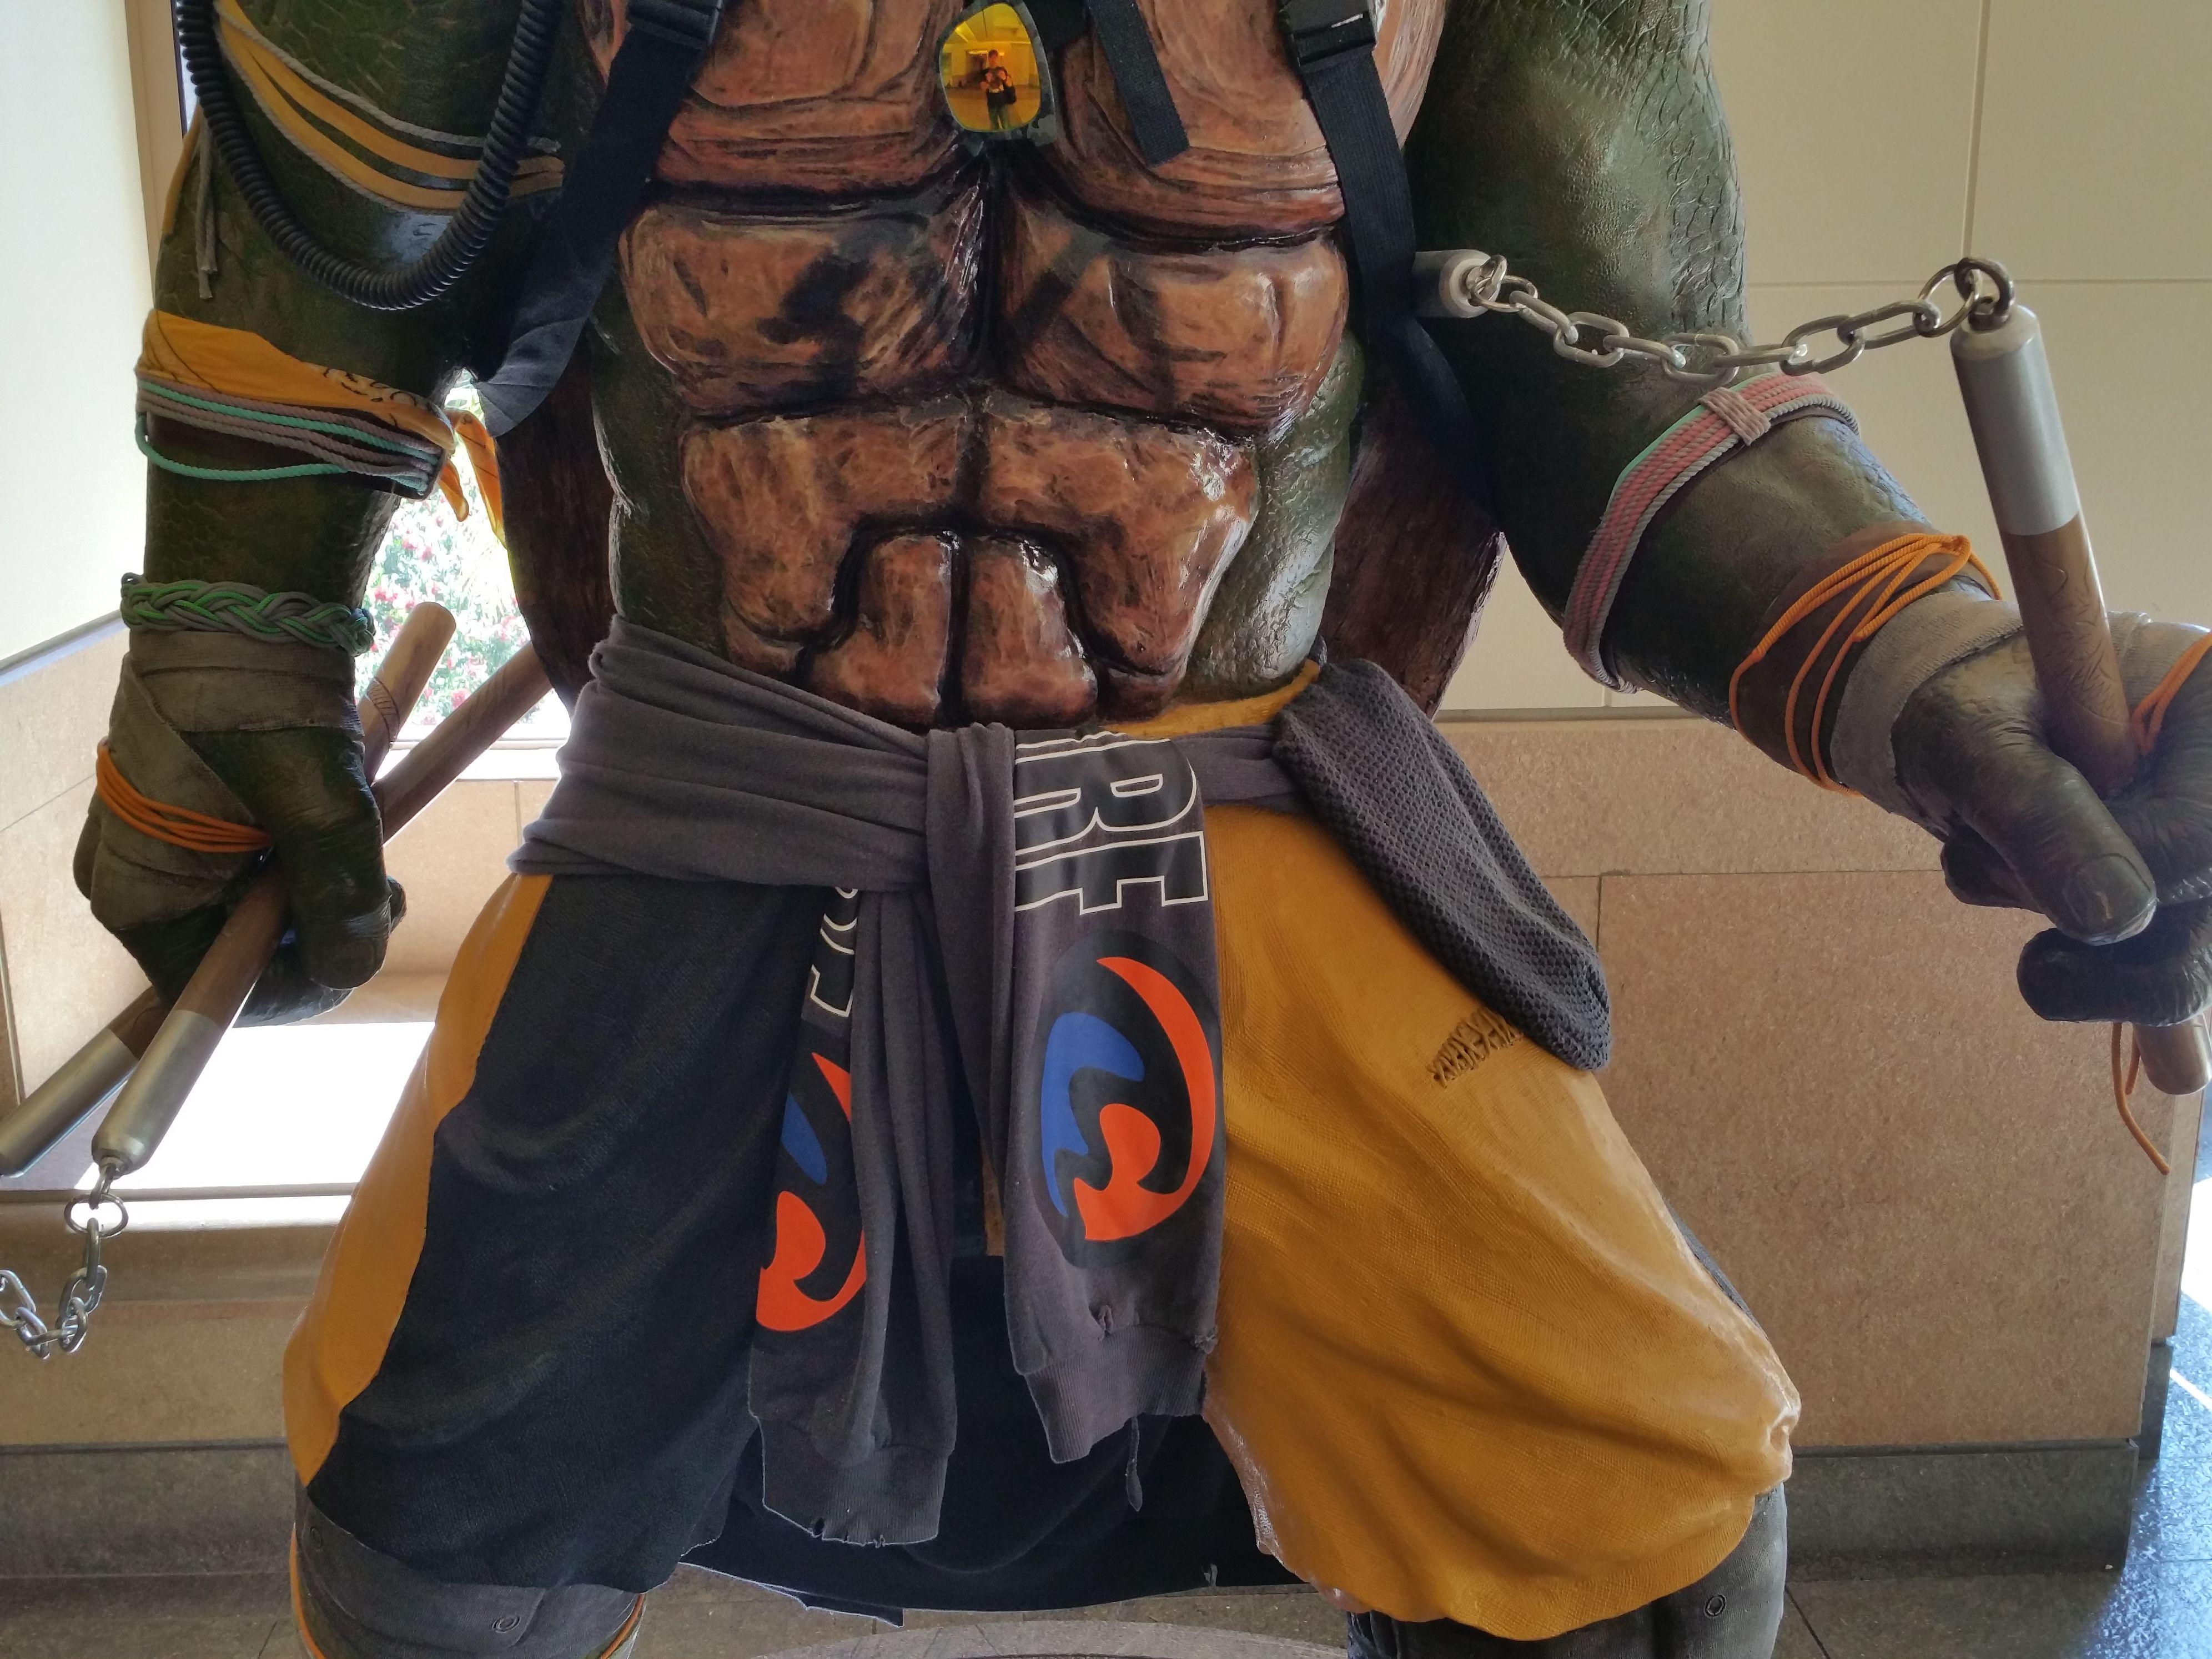 Teenage Mutant Ninja Turtles 2 Statue Images At Paramount Collider